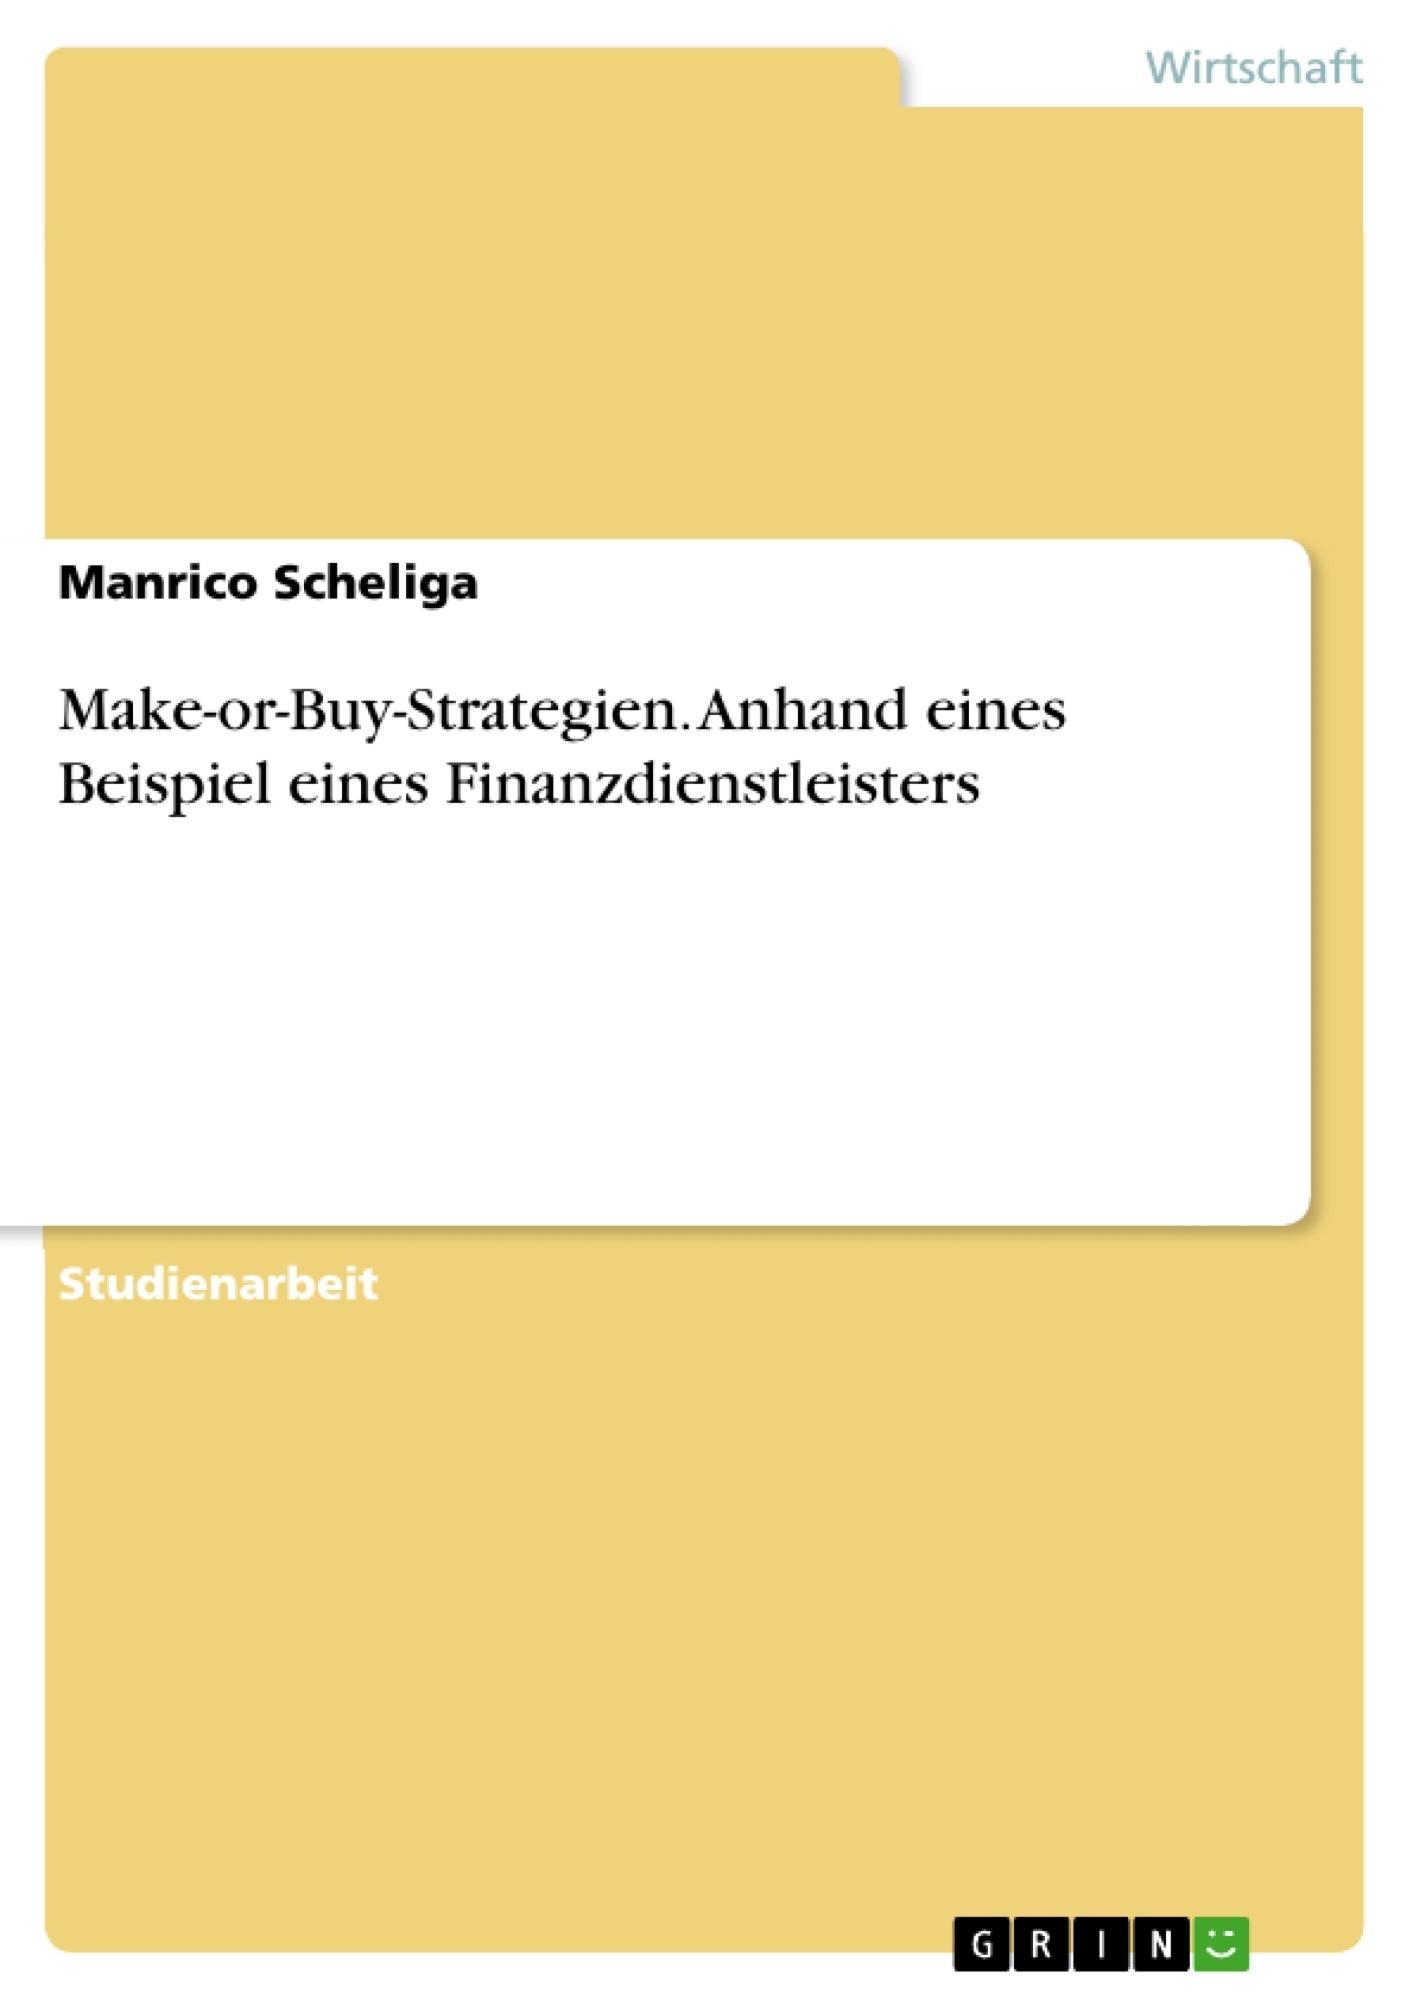 Titel: Make-or-Buy-Strategien. Anhand eines Beispiel eines Finanzdienstleisters